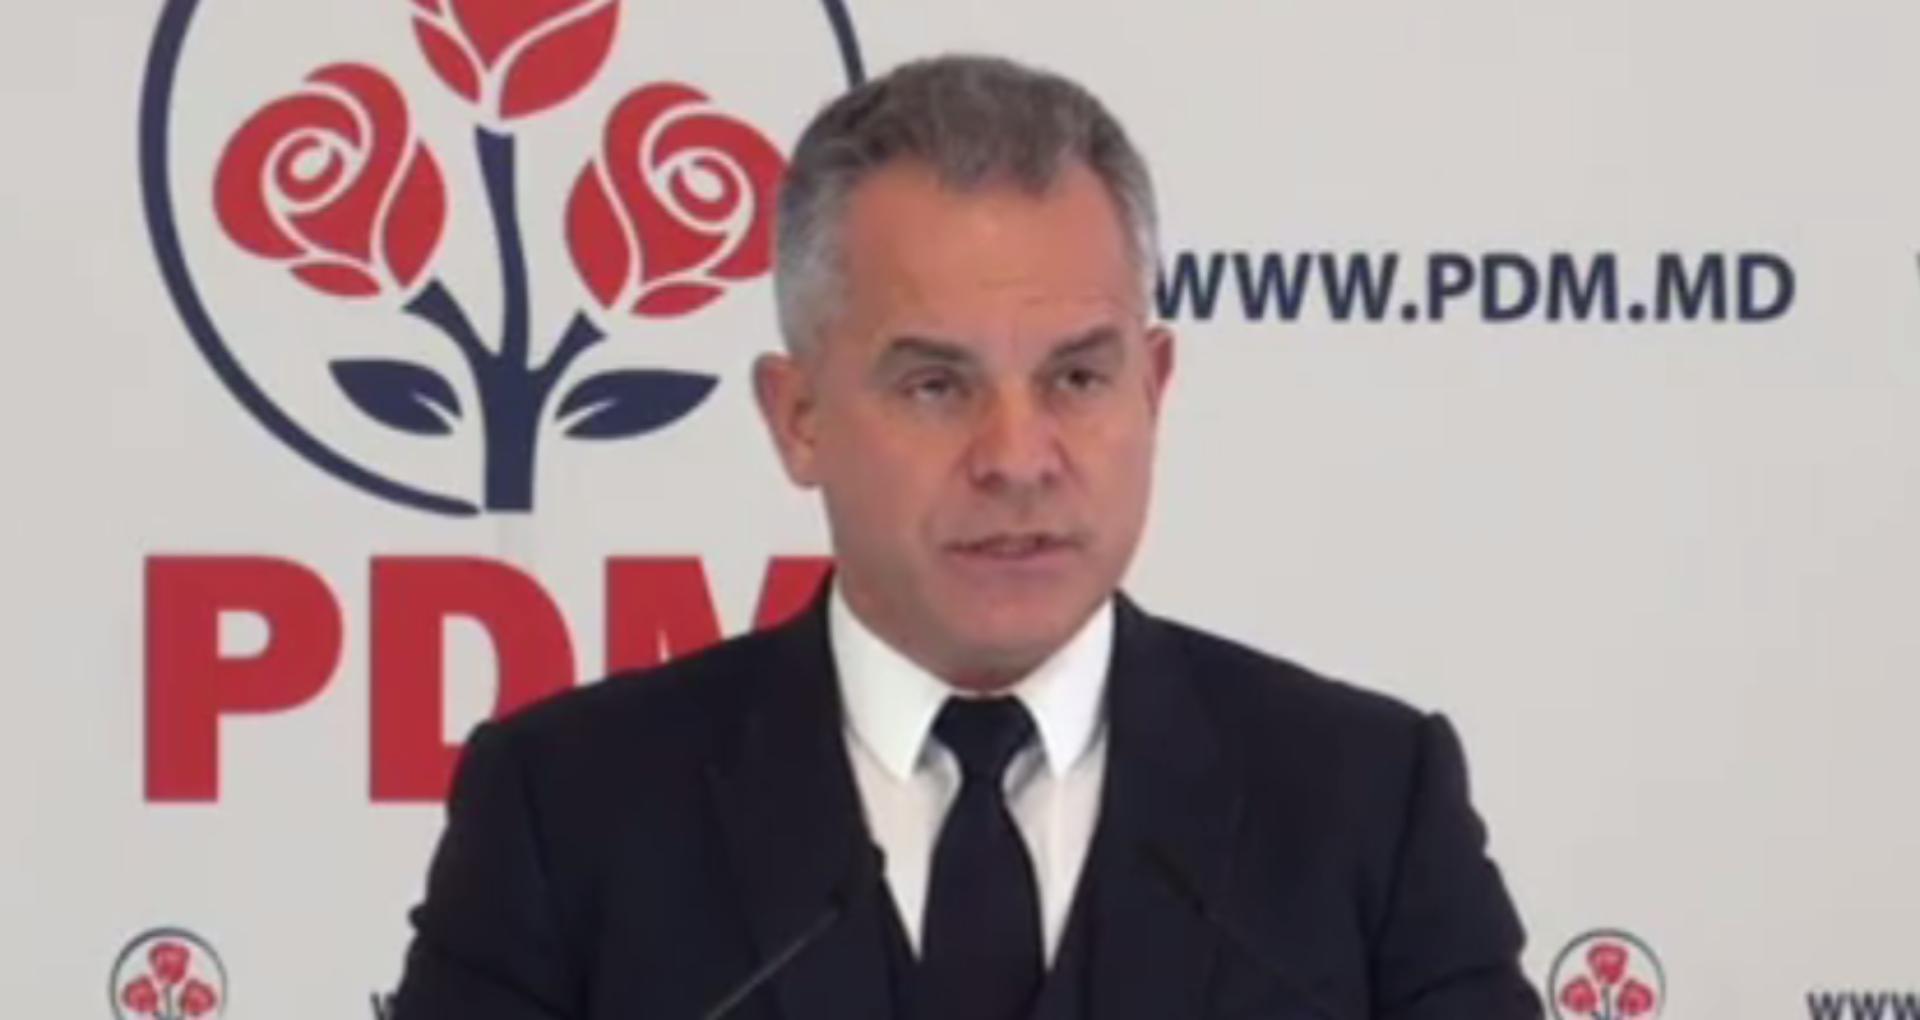 (ULTIMĂ ORĂ) Precizările IGP referitor la tentativa de asasinare a lui Vladimir Plahotniuc pentru 200 de mii de dolari